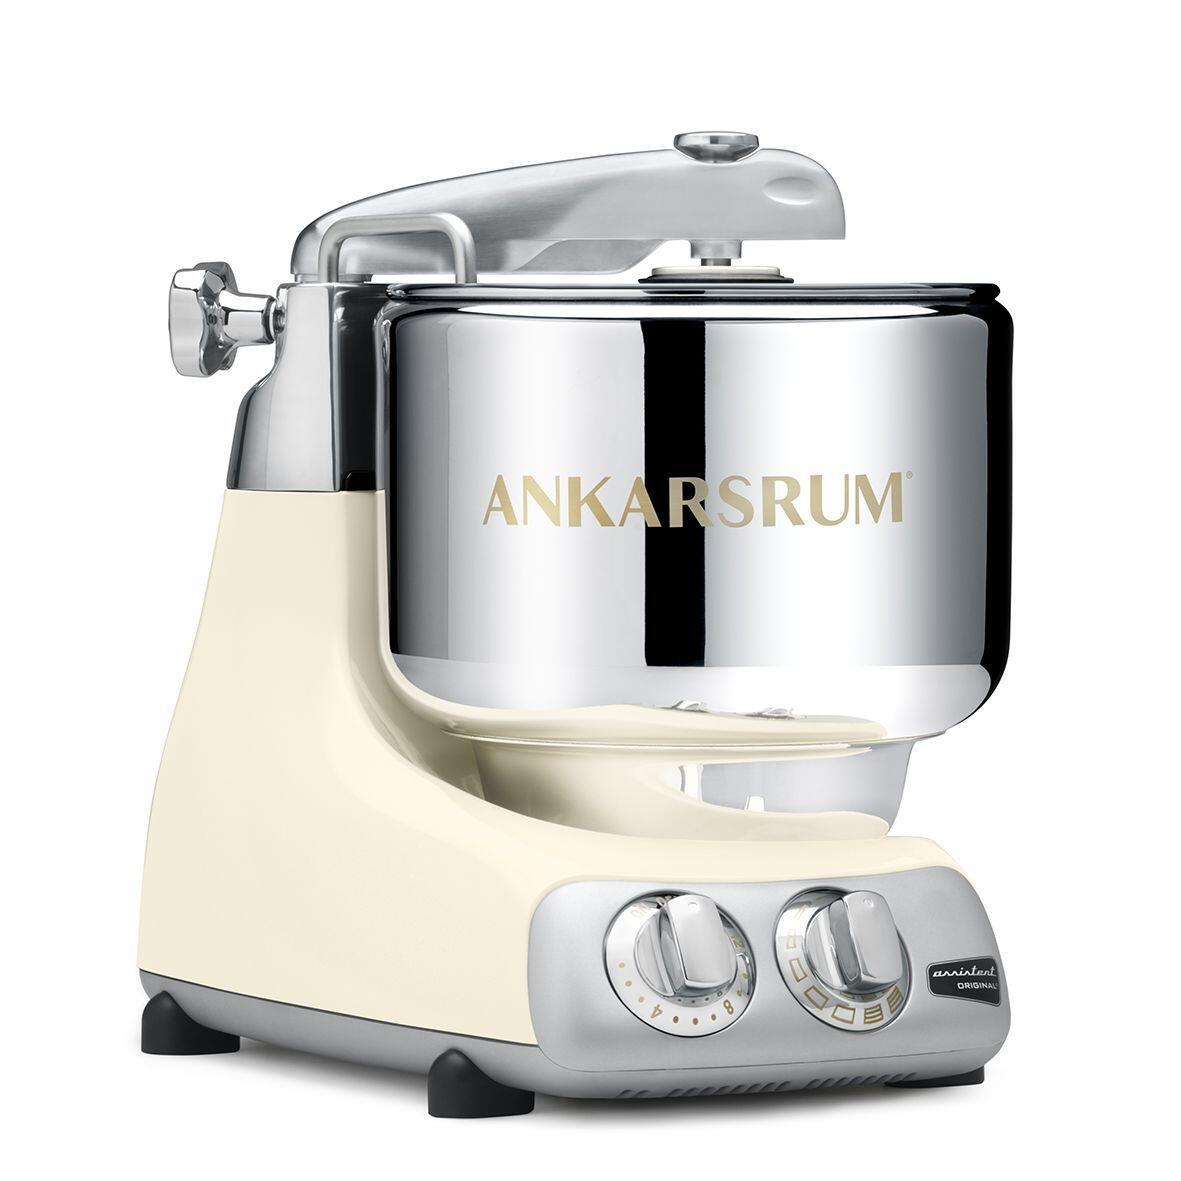 Cuisine du Bien-être - Robot Ankarsrum 6230 crème clair